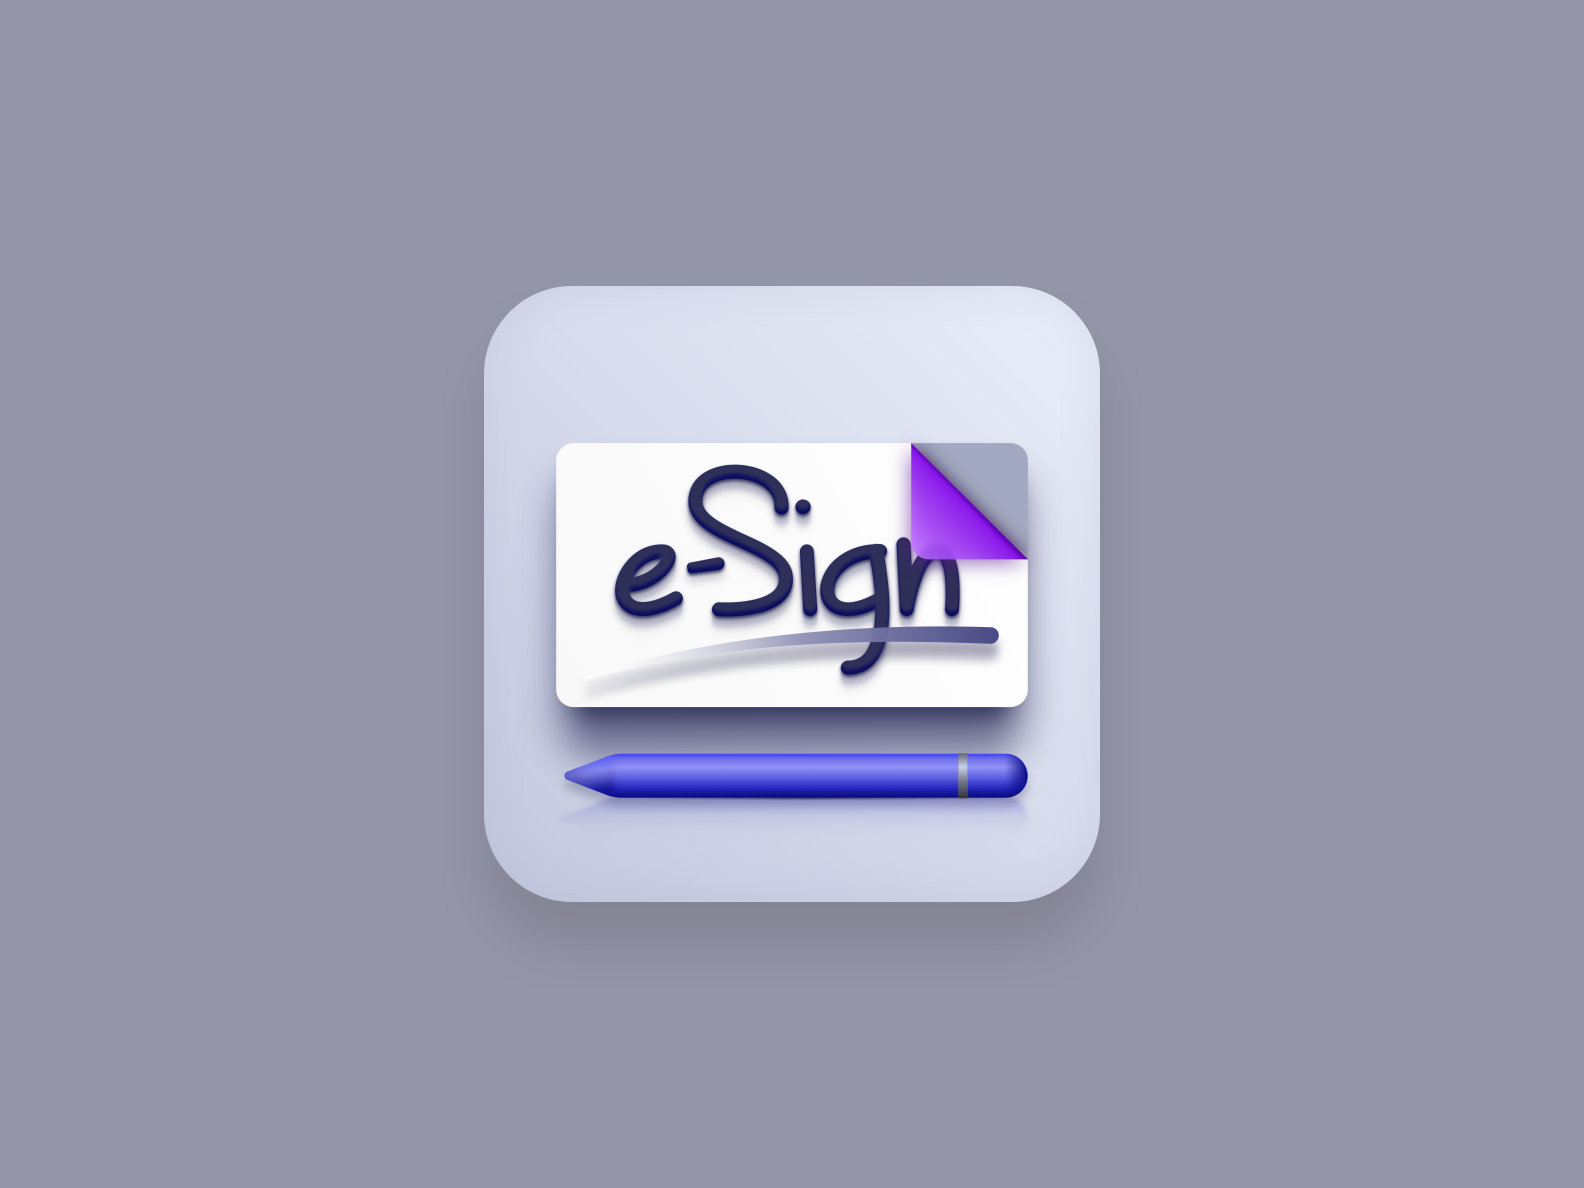 e-Sign icon (Big Sur style)